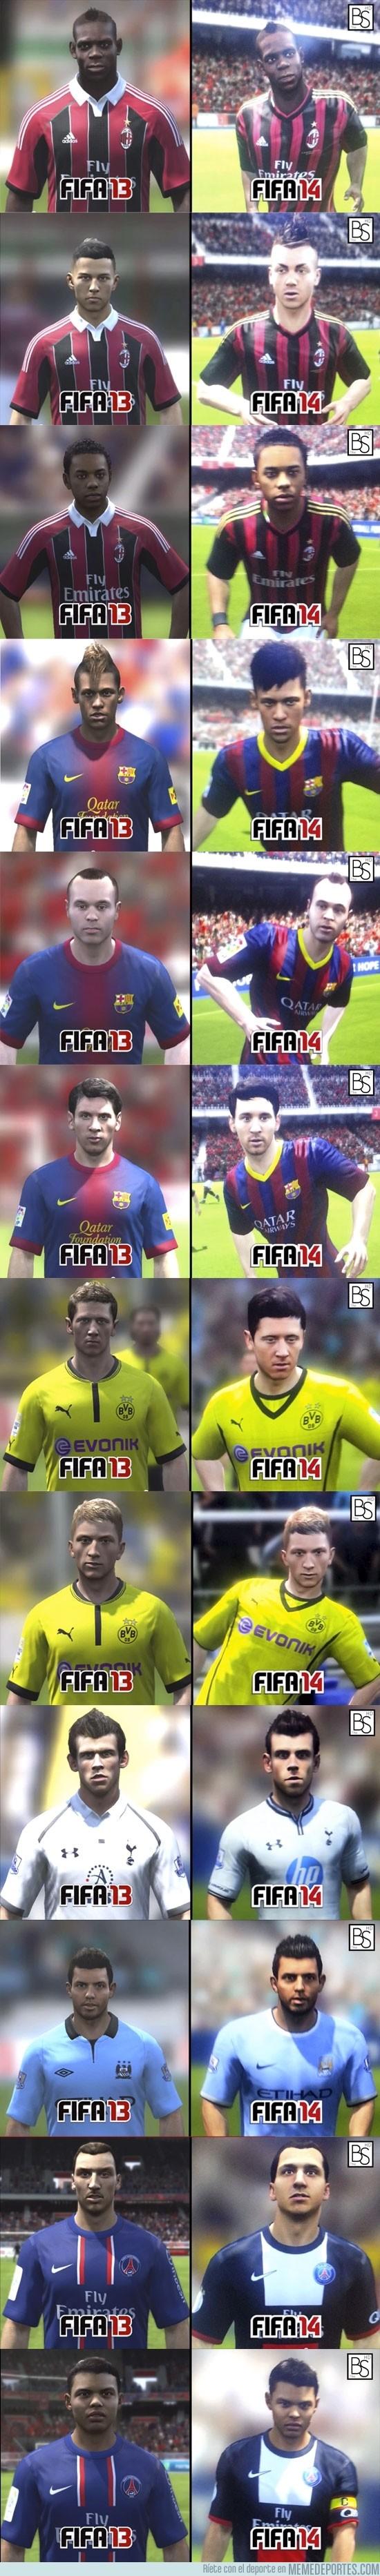 180447 - Diferencias entre Fifa 13 y 14